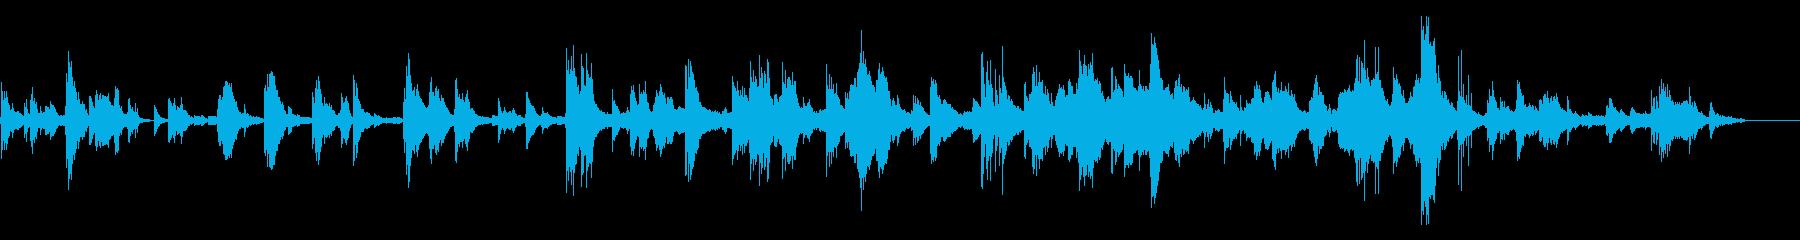 ロシア民謡アレンジ~ピアノ別れのバラードの再生済みの波形